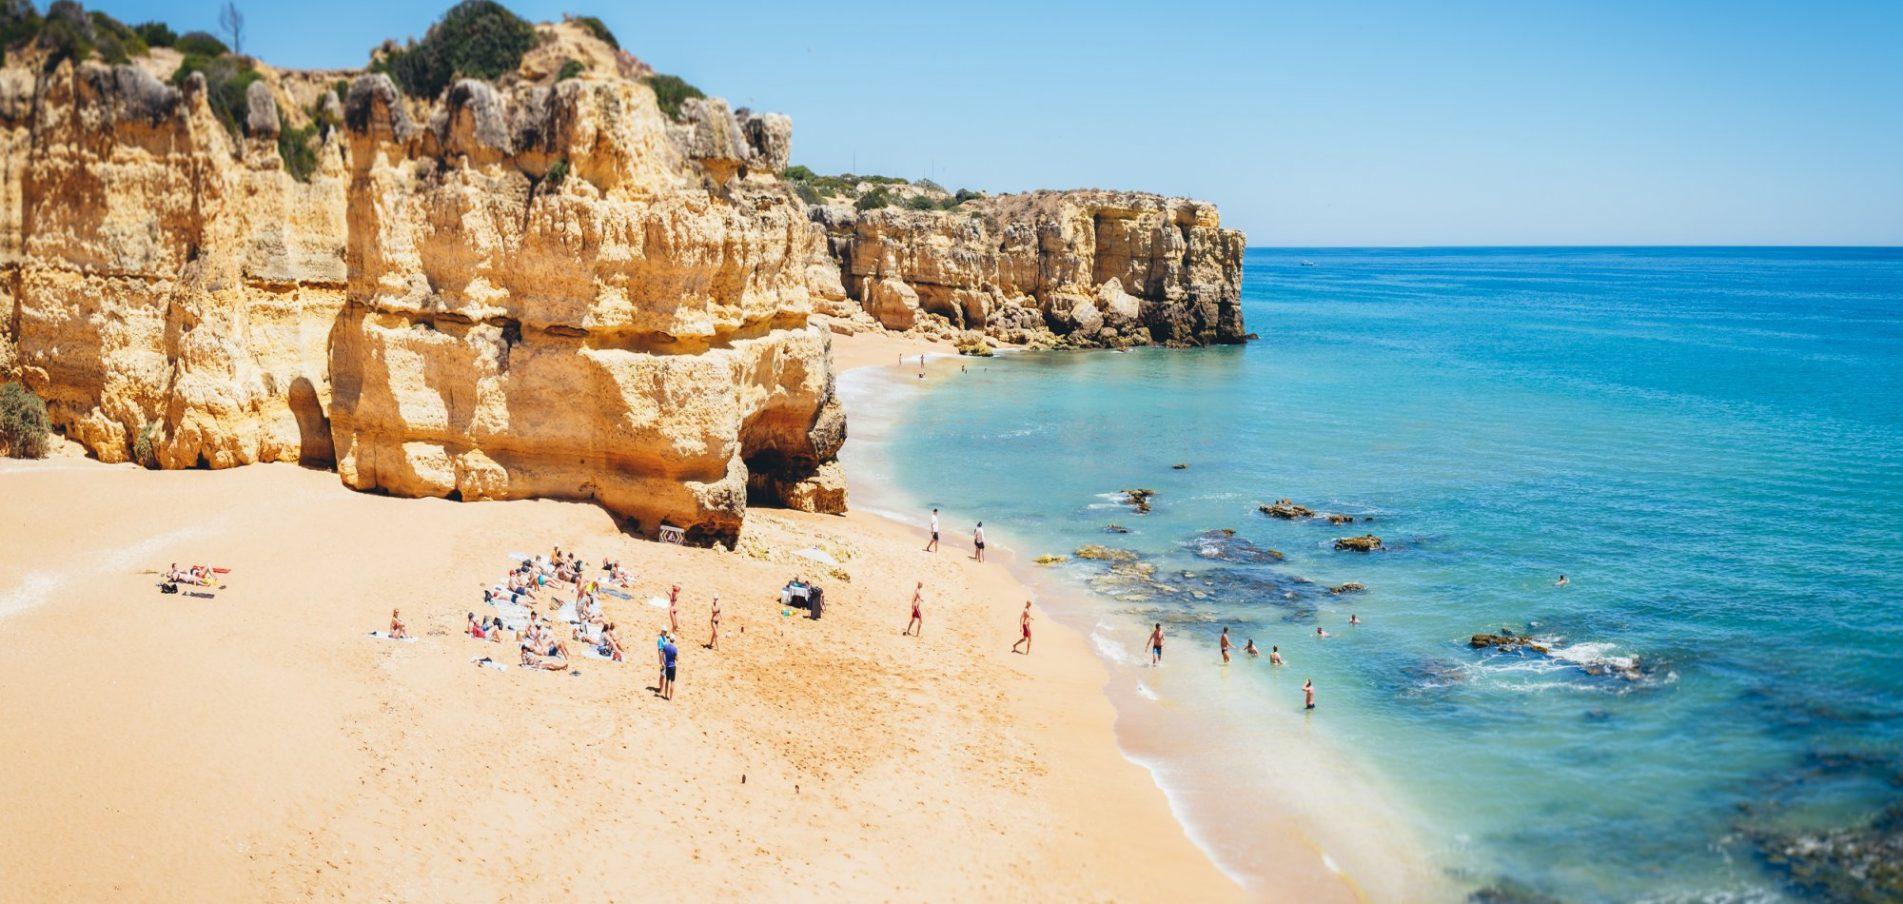 Algarve Incentive für erfolgreiche Immobiliendienstleister!